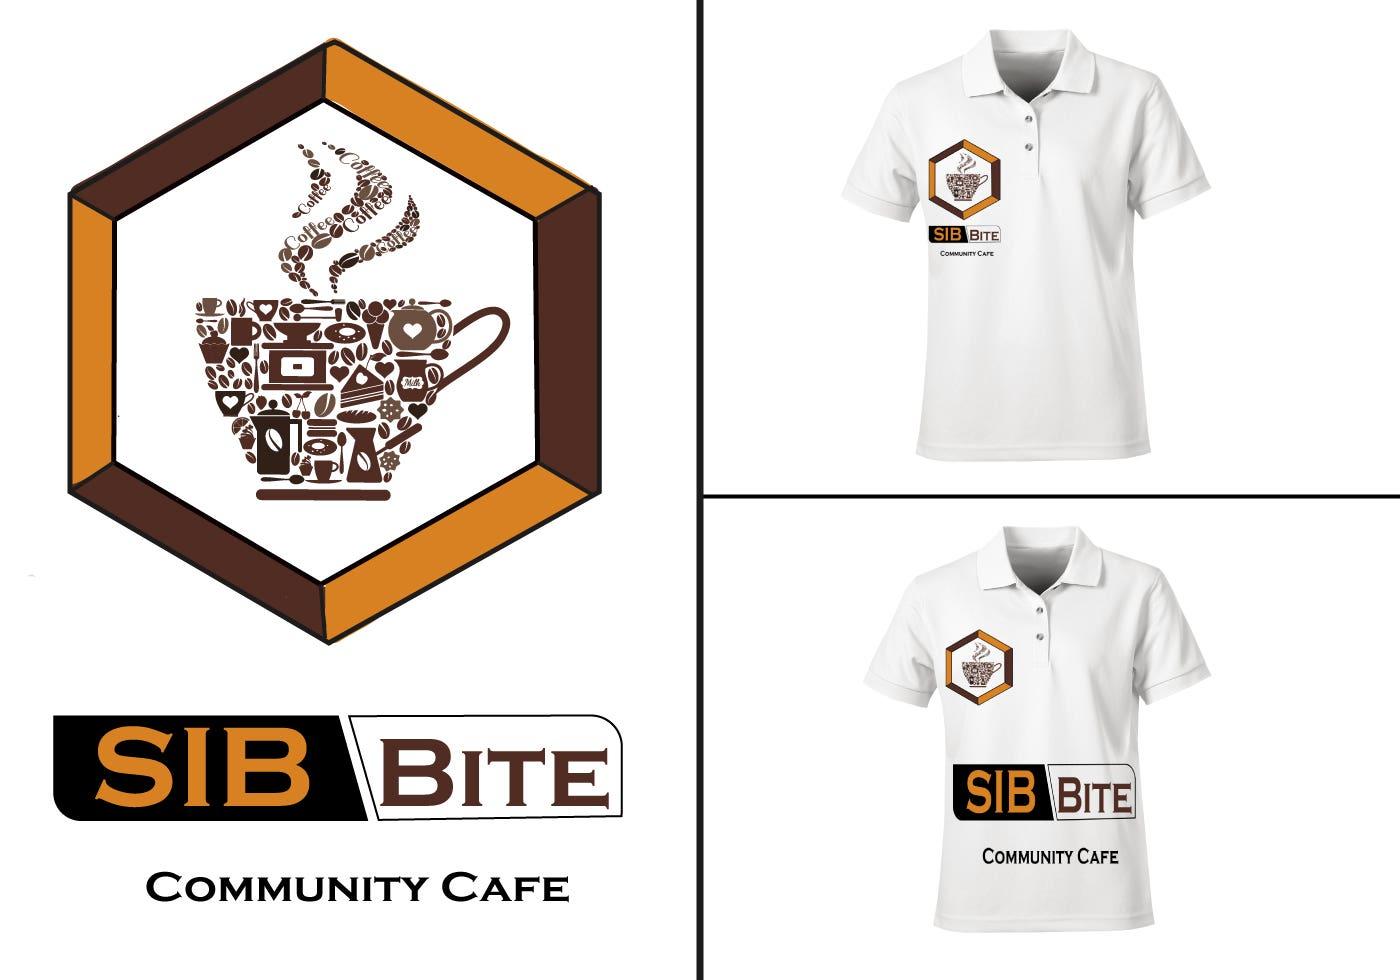 logo design and t-shrit